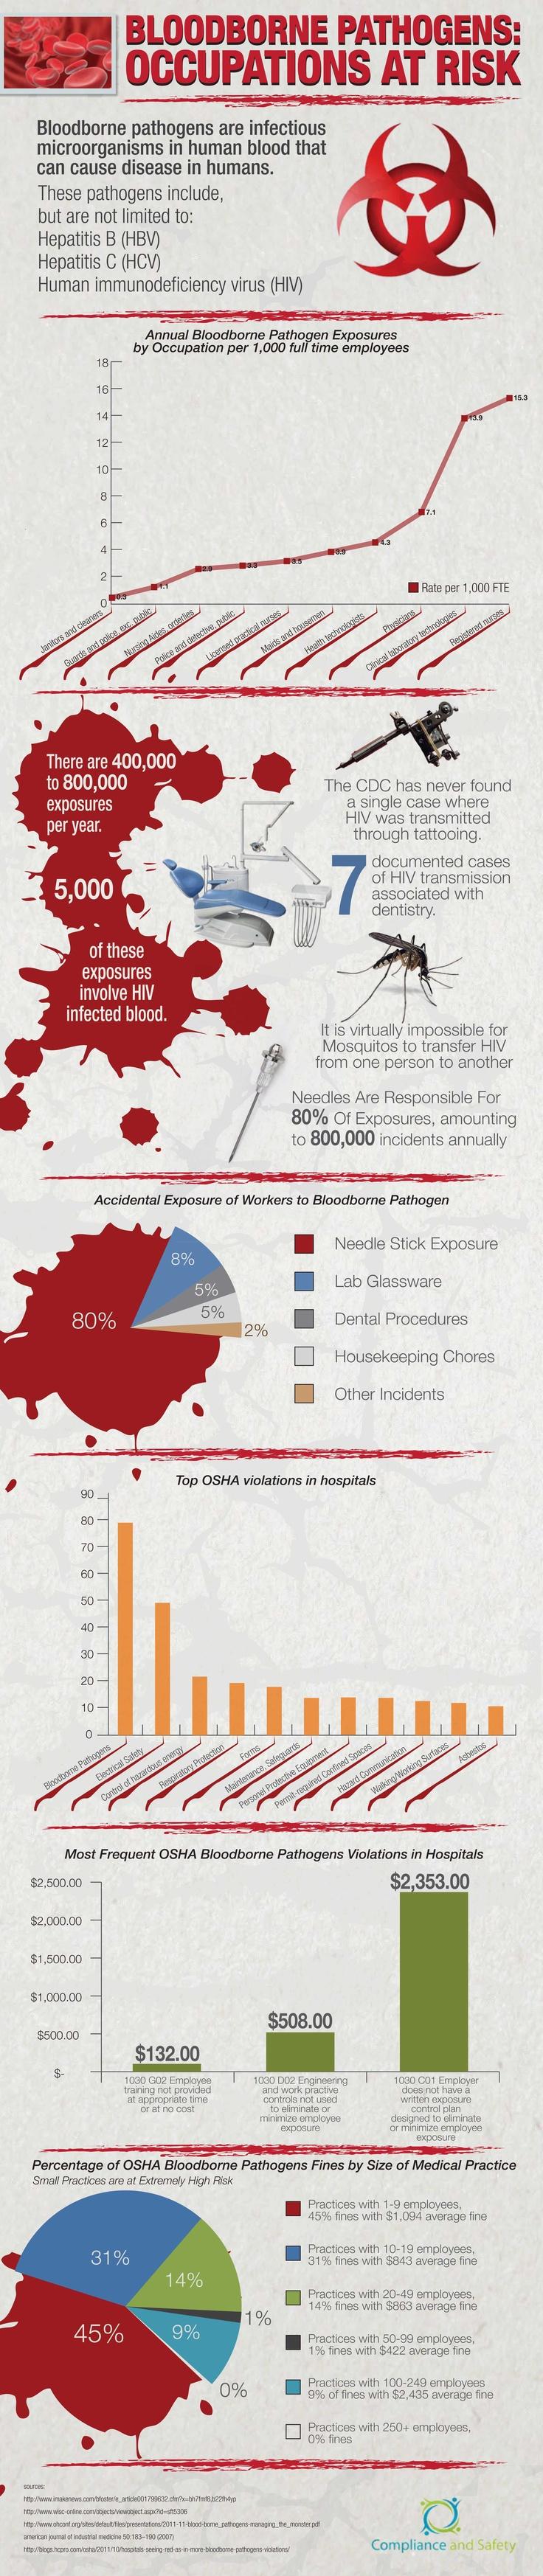 Pinterest Bloodborne pathogens, Bloodborne, Medical